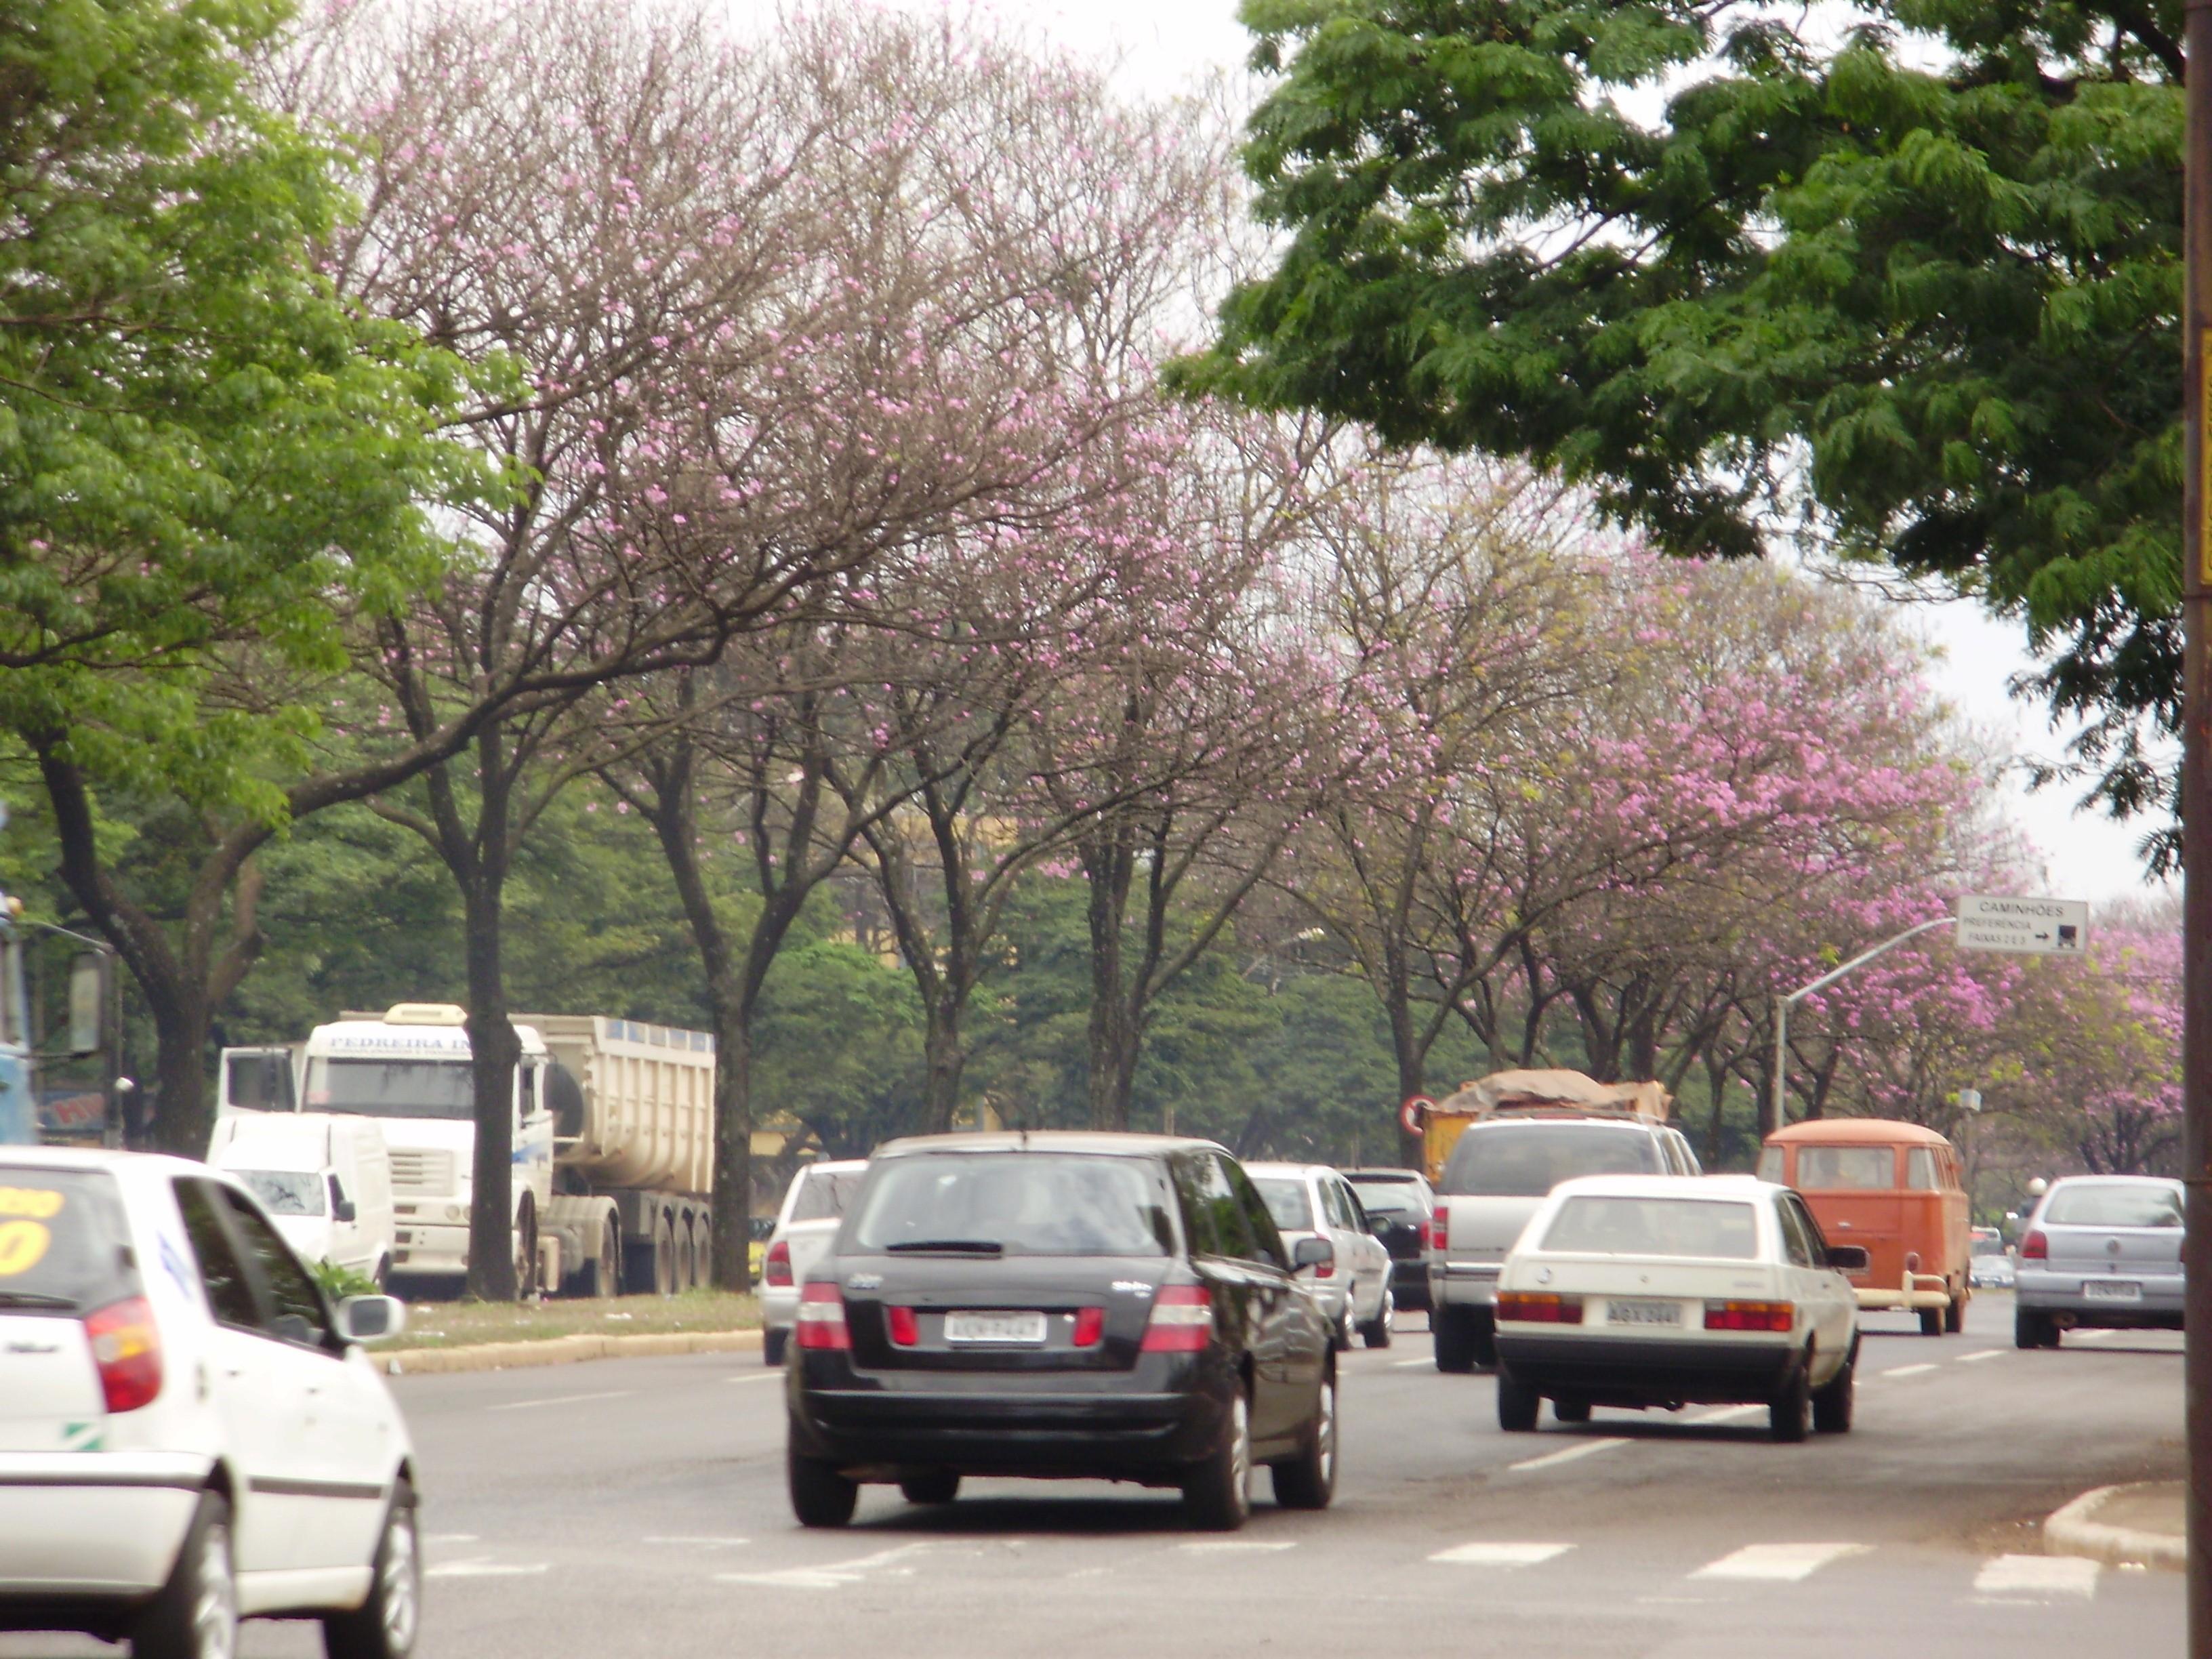 Durante tarde violenta duas pessoas morrem no trânsito de Maringá